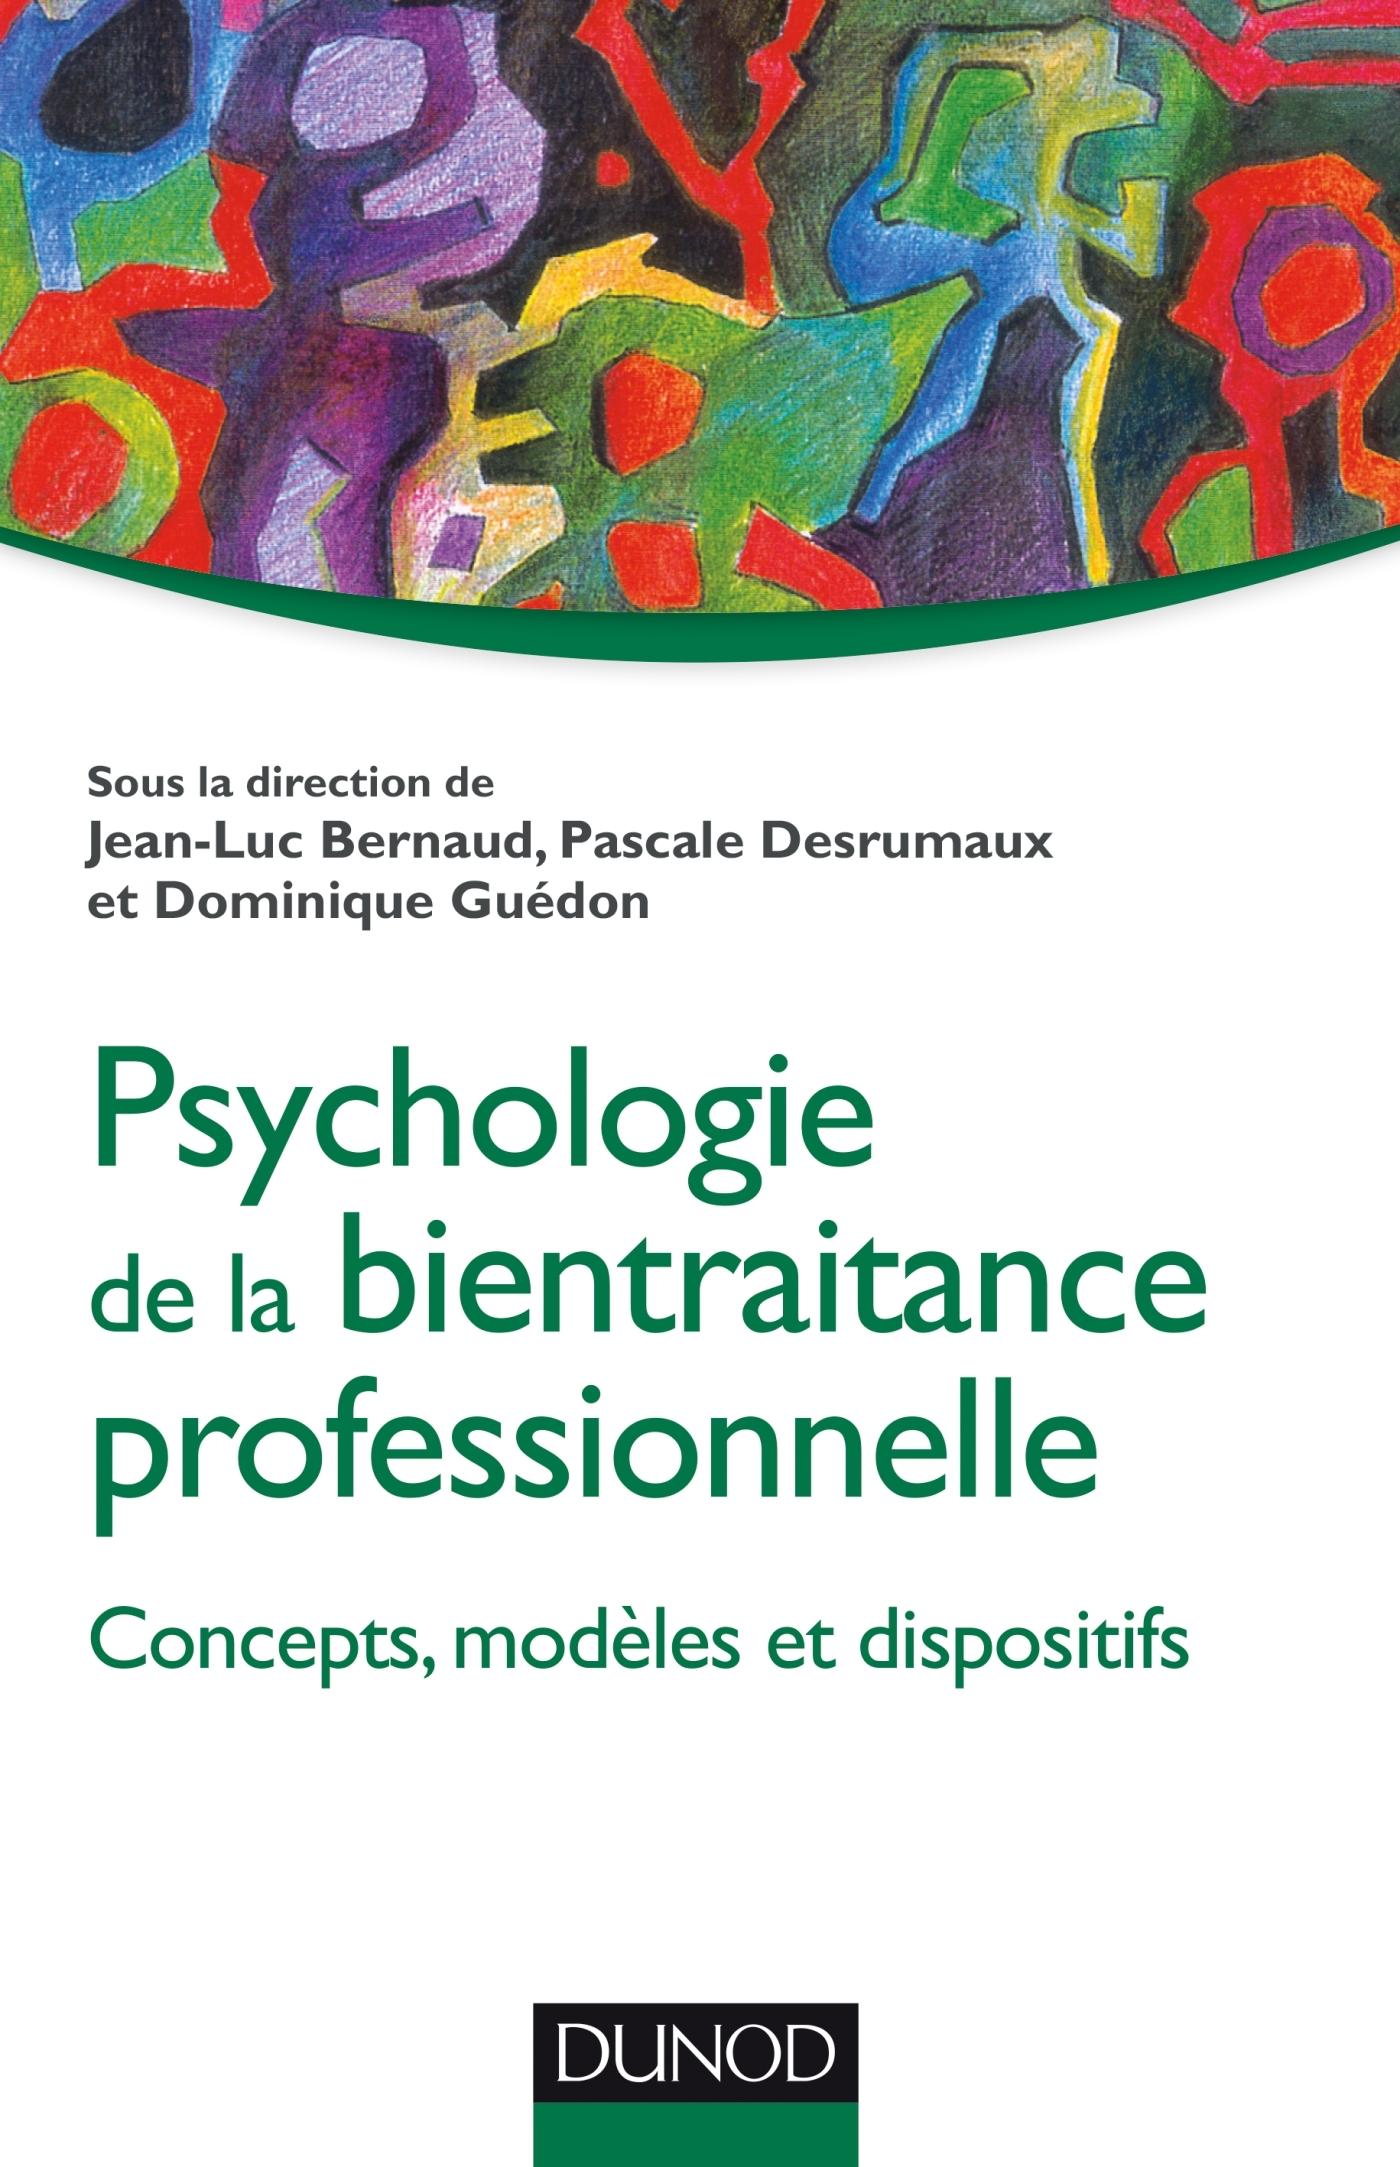 Vignette document Psychologie de la bientraitance professionnelle : concepts, modèles et dispositifs